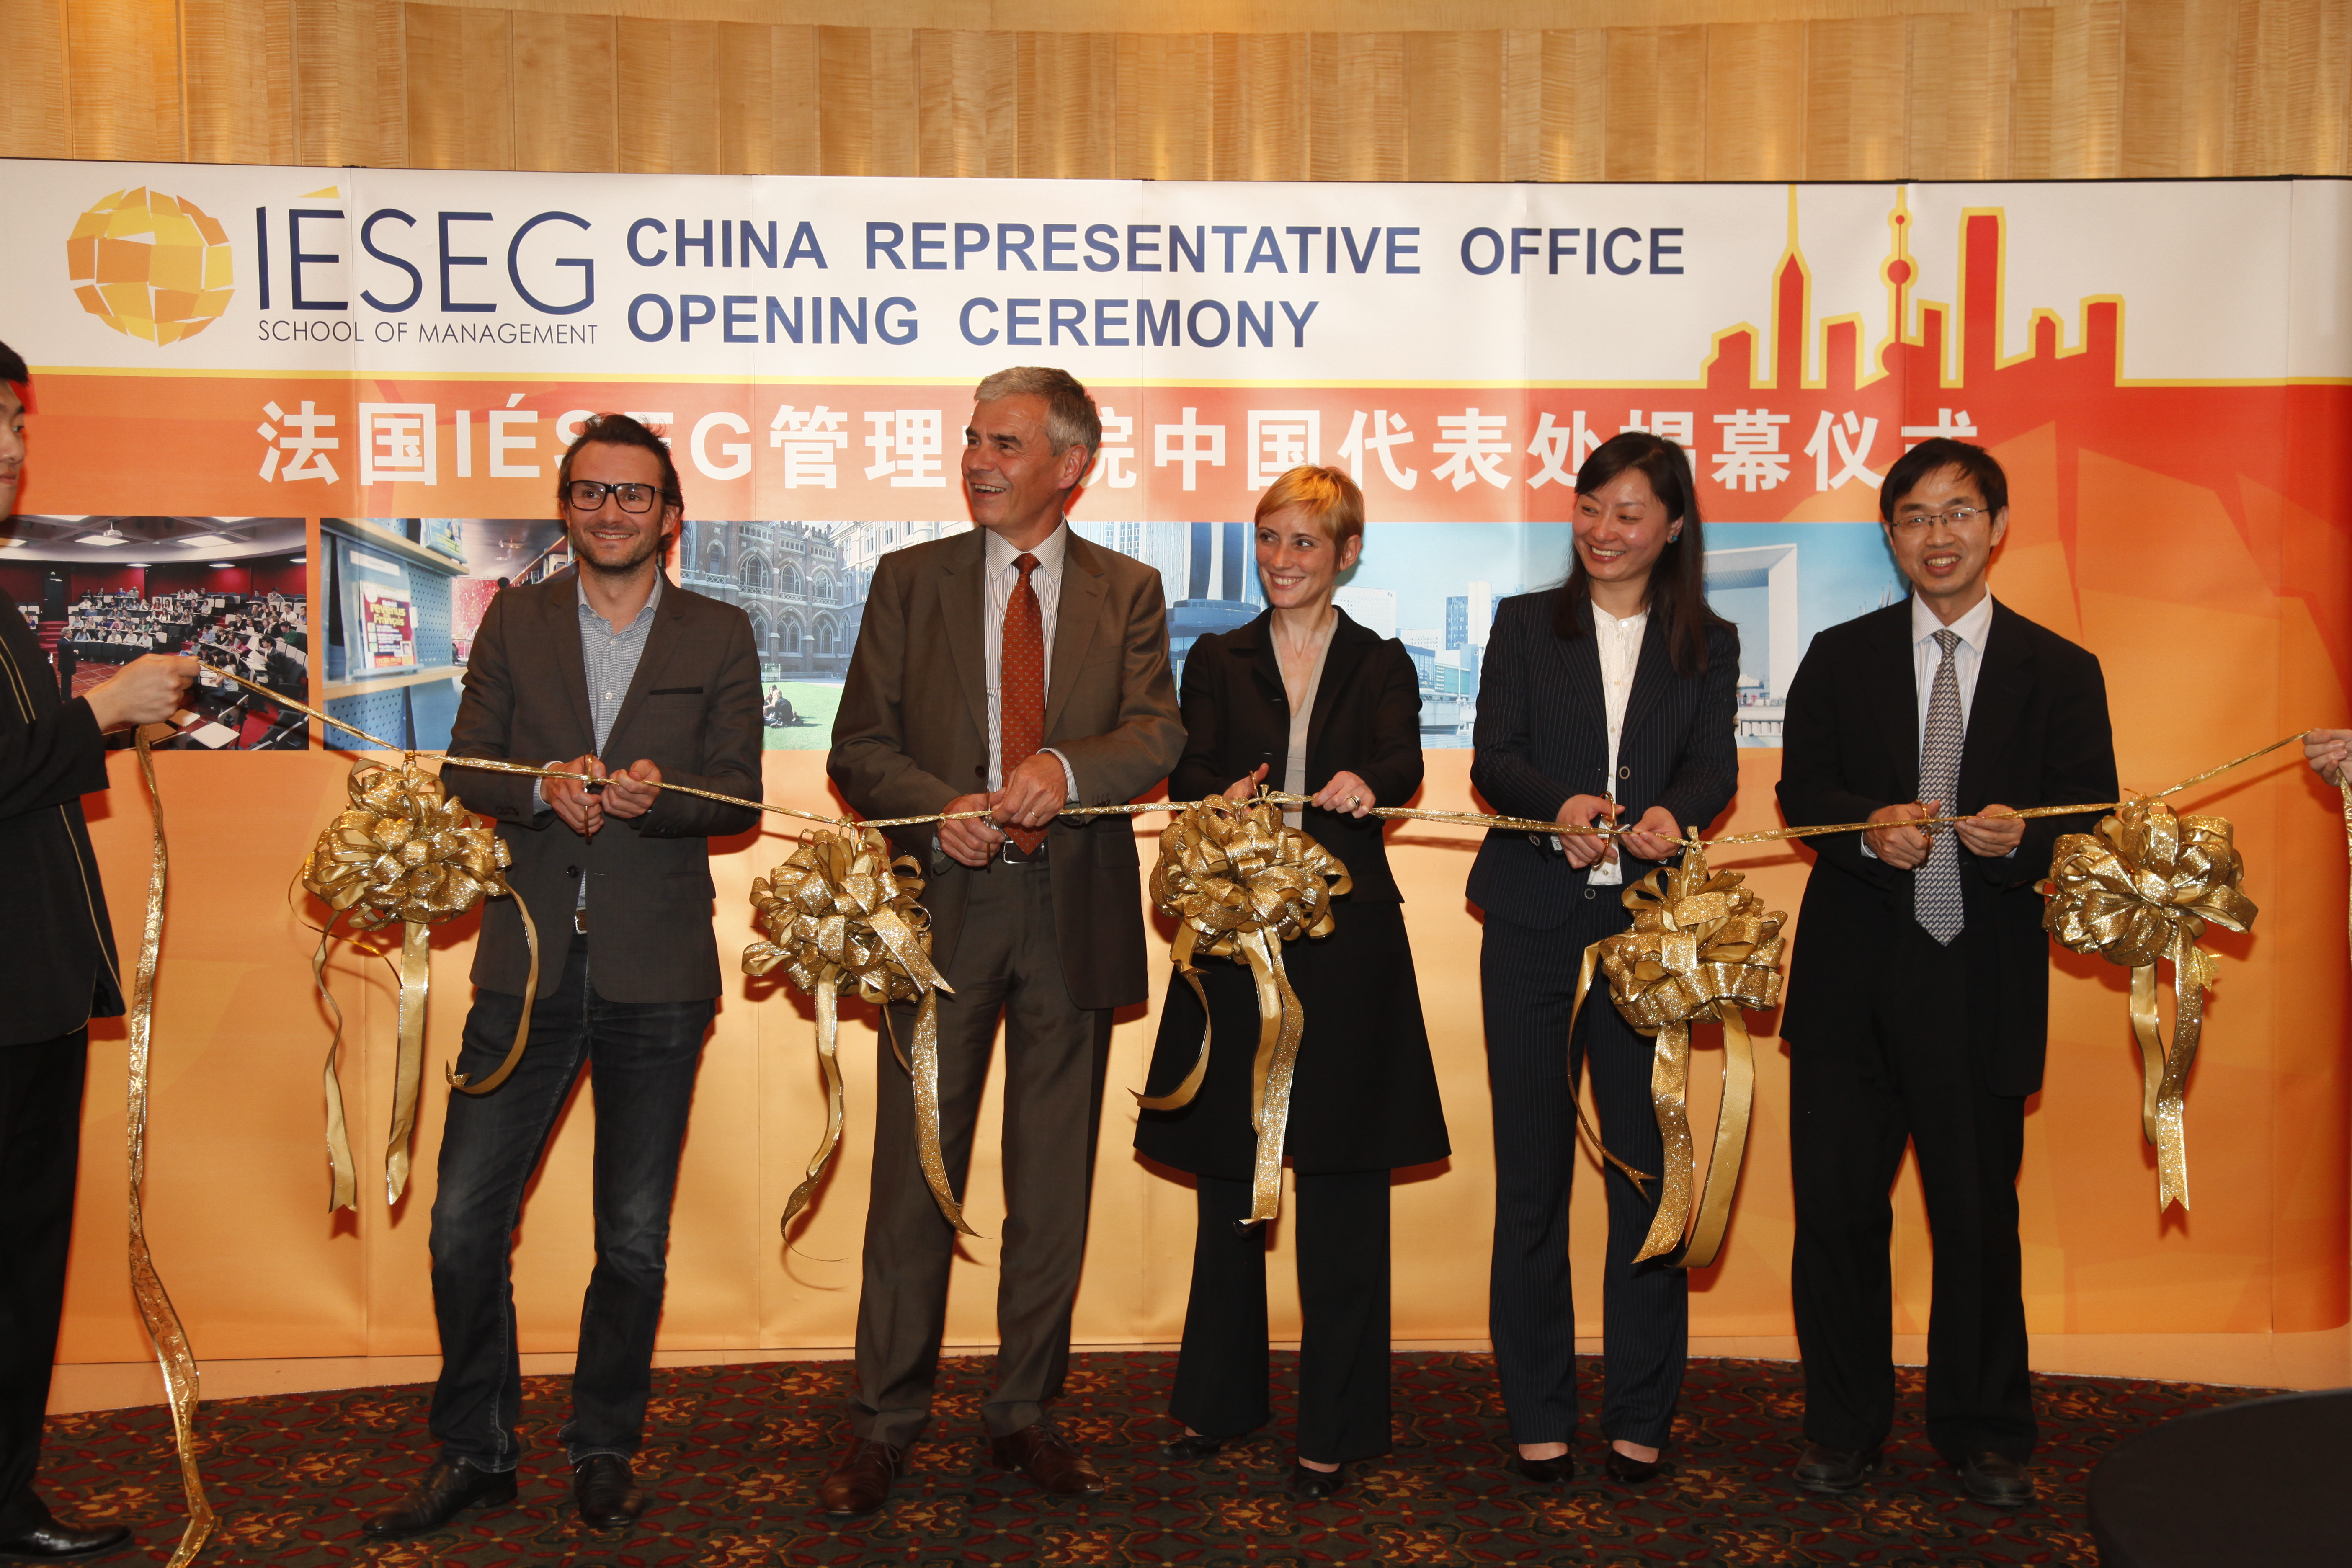 Ouverture d'un bureau de représentation IÉSEG à Shanghaï : L'IÉSEG renforce sa présence en Chine